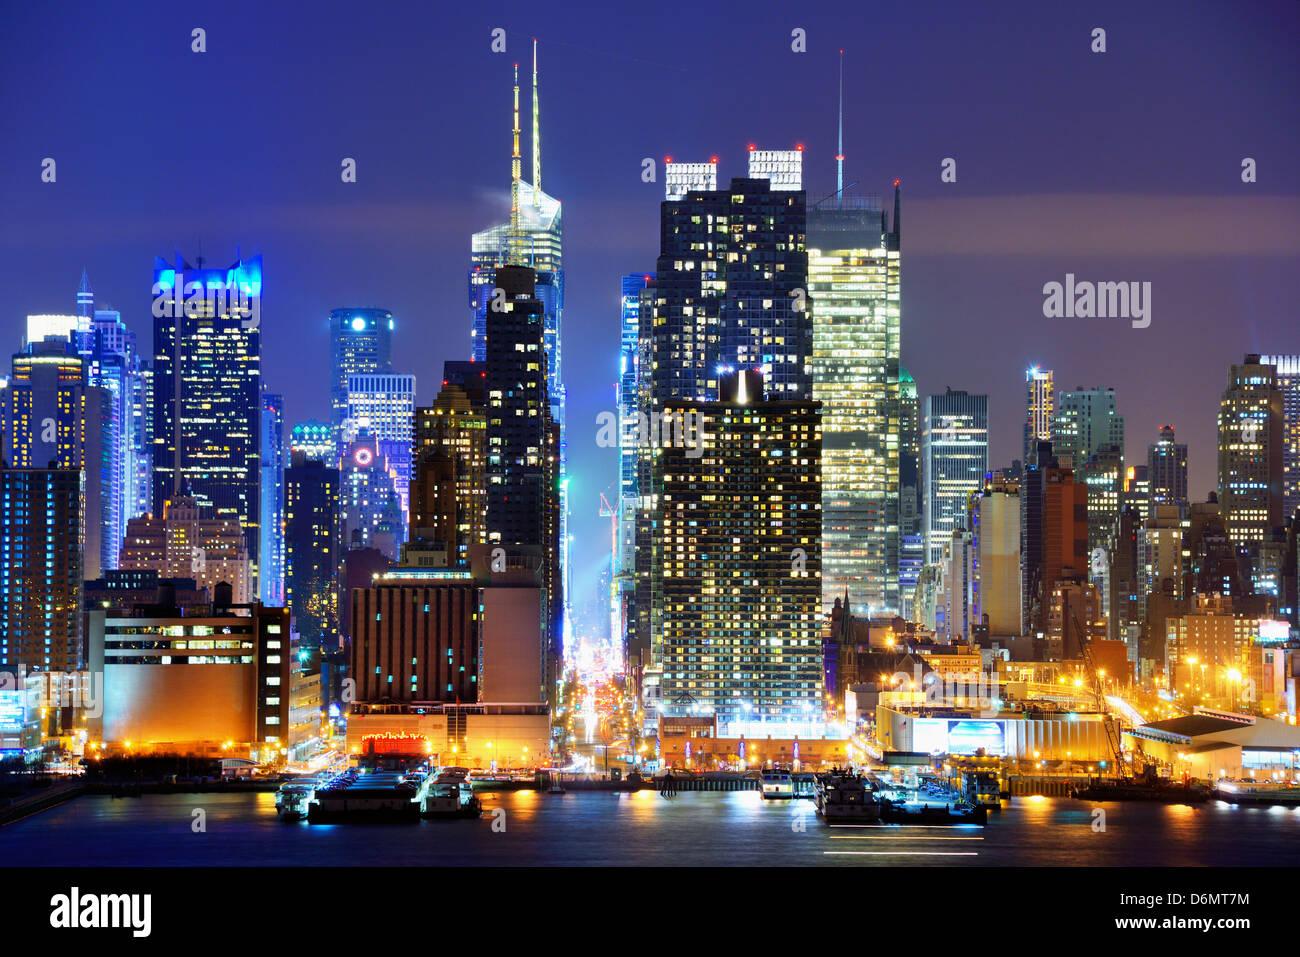 El Midtown Manhattan, en la calle 42 Mira desde el otro lado del Río Hudson, en la Ciudad de Nueva York. Imagen De Stock